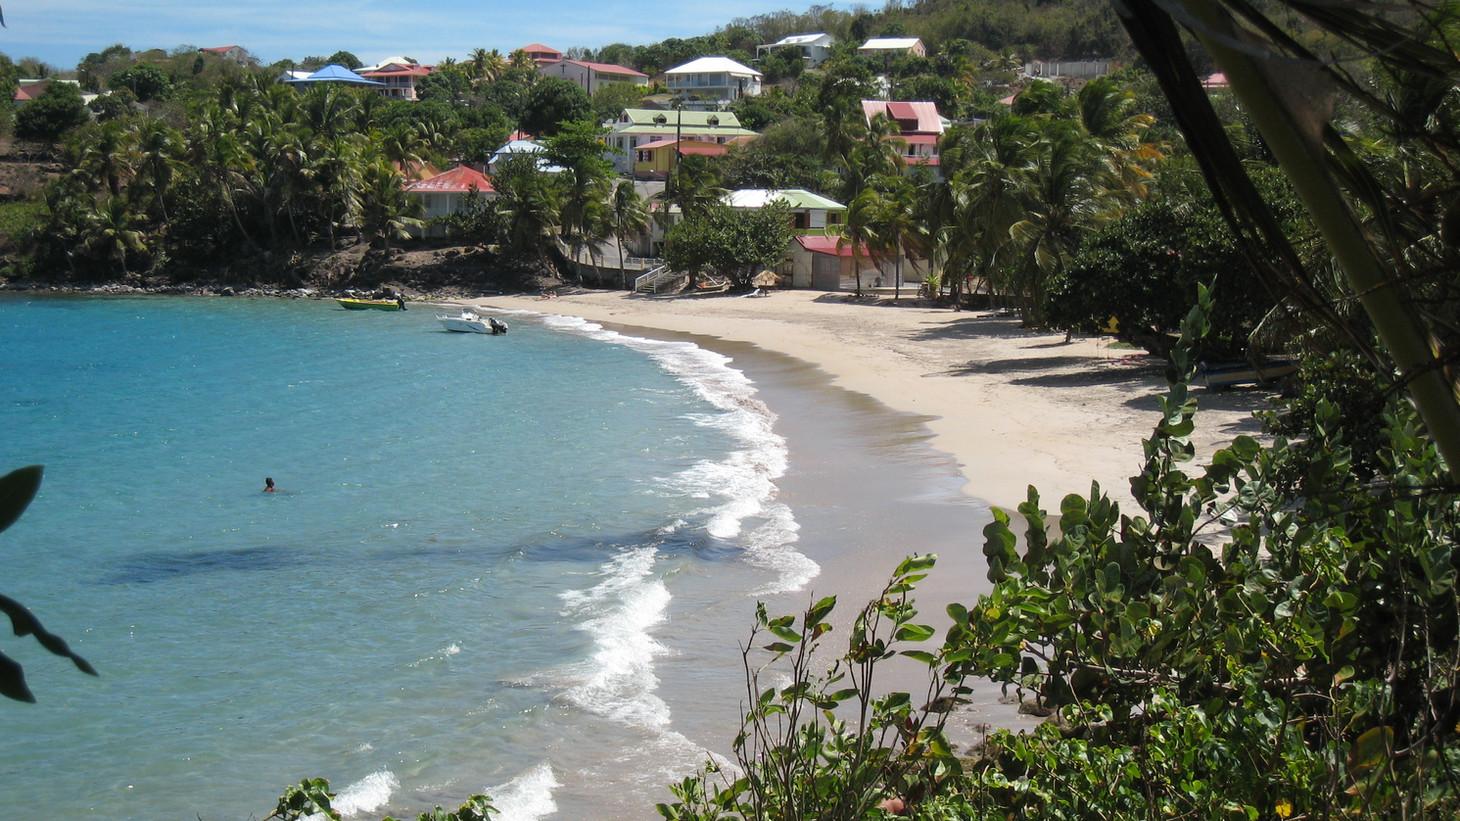 Plage des Saintes - Résidence Coco d'Iles -  Les Saintes